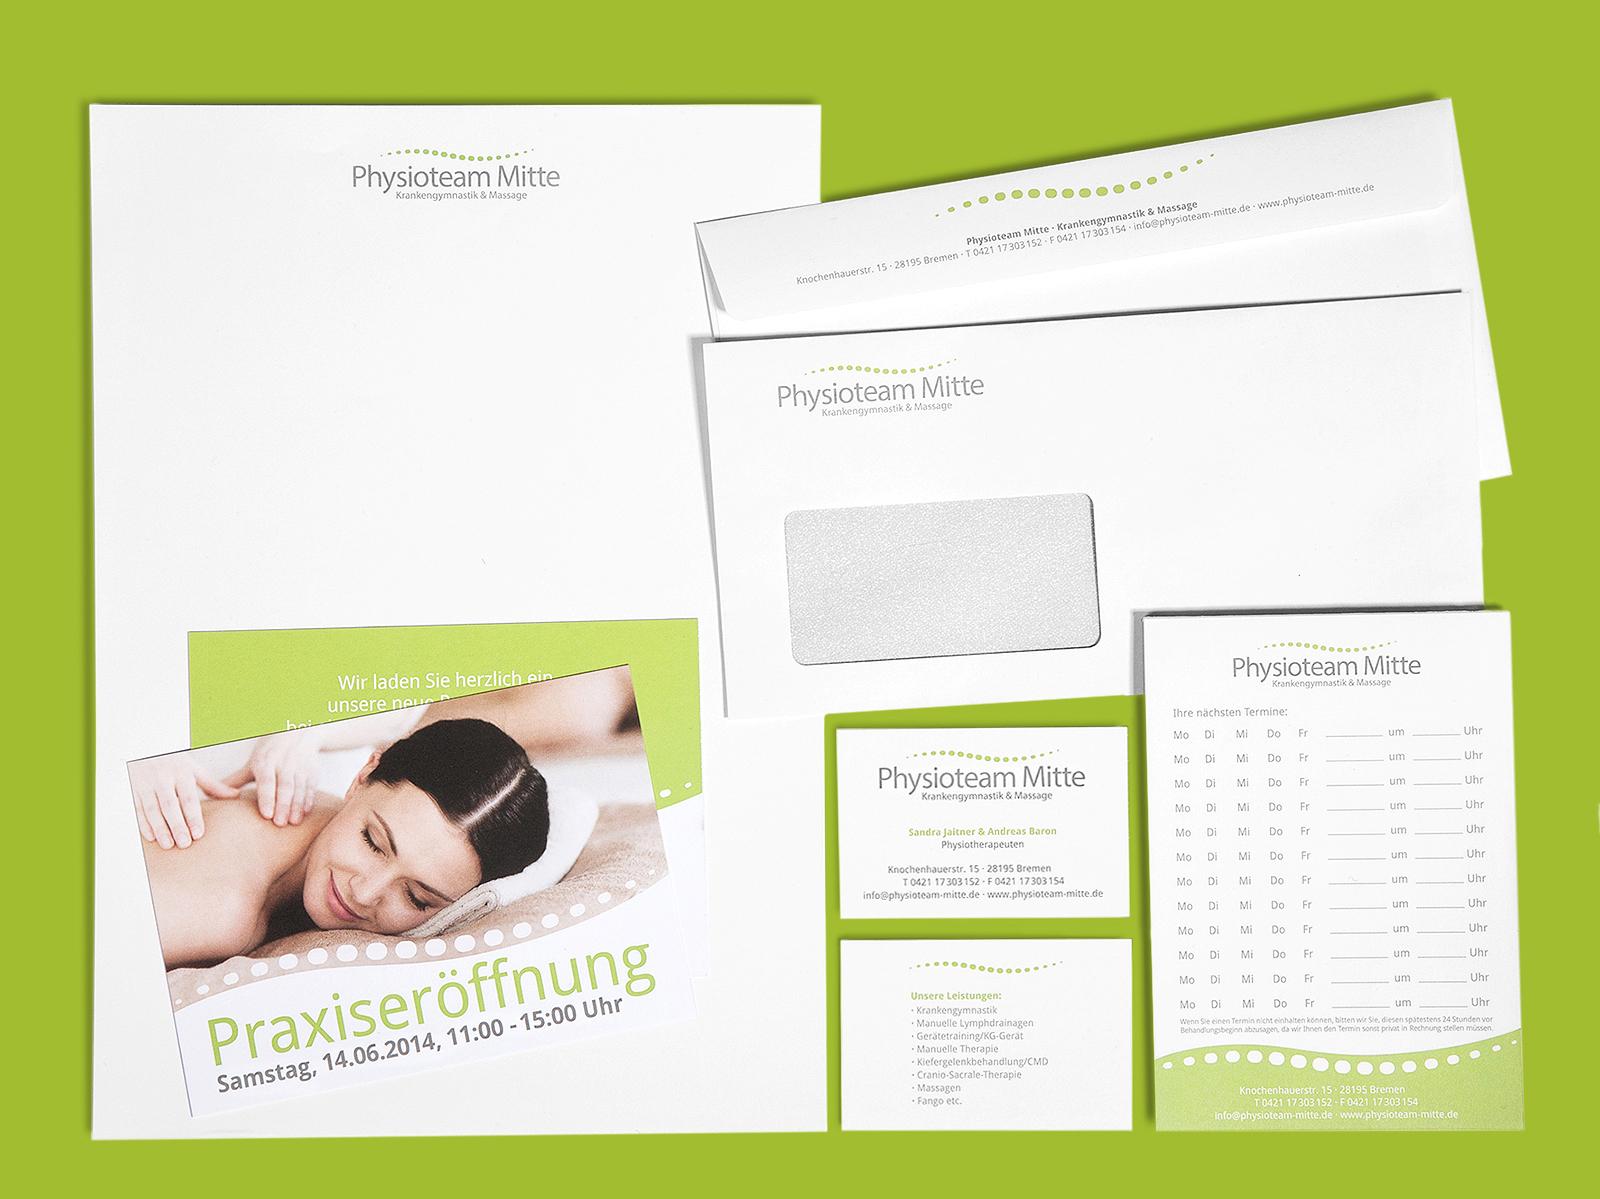 Geschäftsausstattung mit Visitenkarten gestalten lassen bei Ihrer Werbeagentur in Verden und Bremen